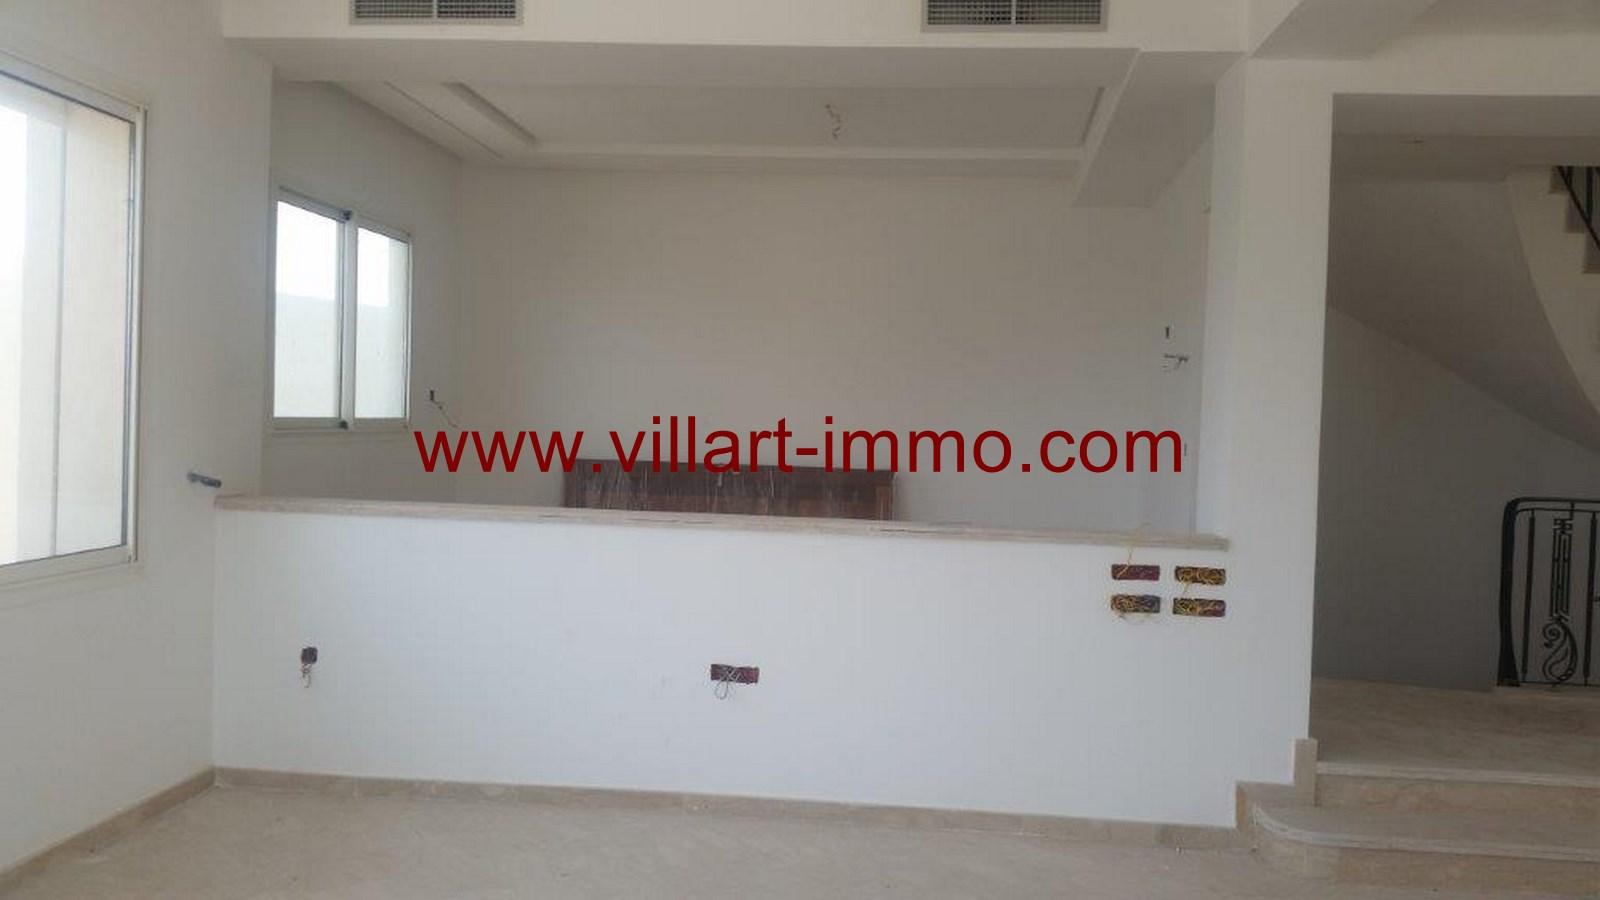 4-a-vendre-tanger-villa-la-montagne-salon-2-vv421-villart-immo-agence-immobiliere